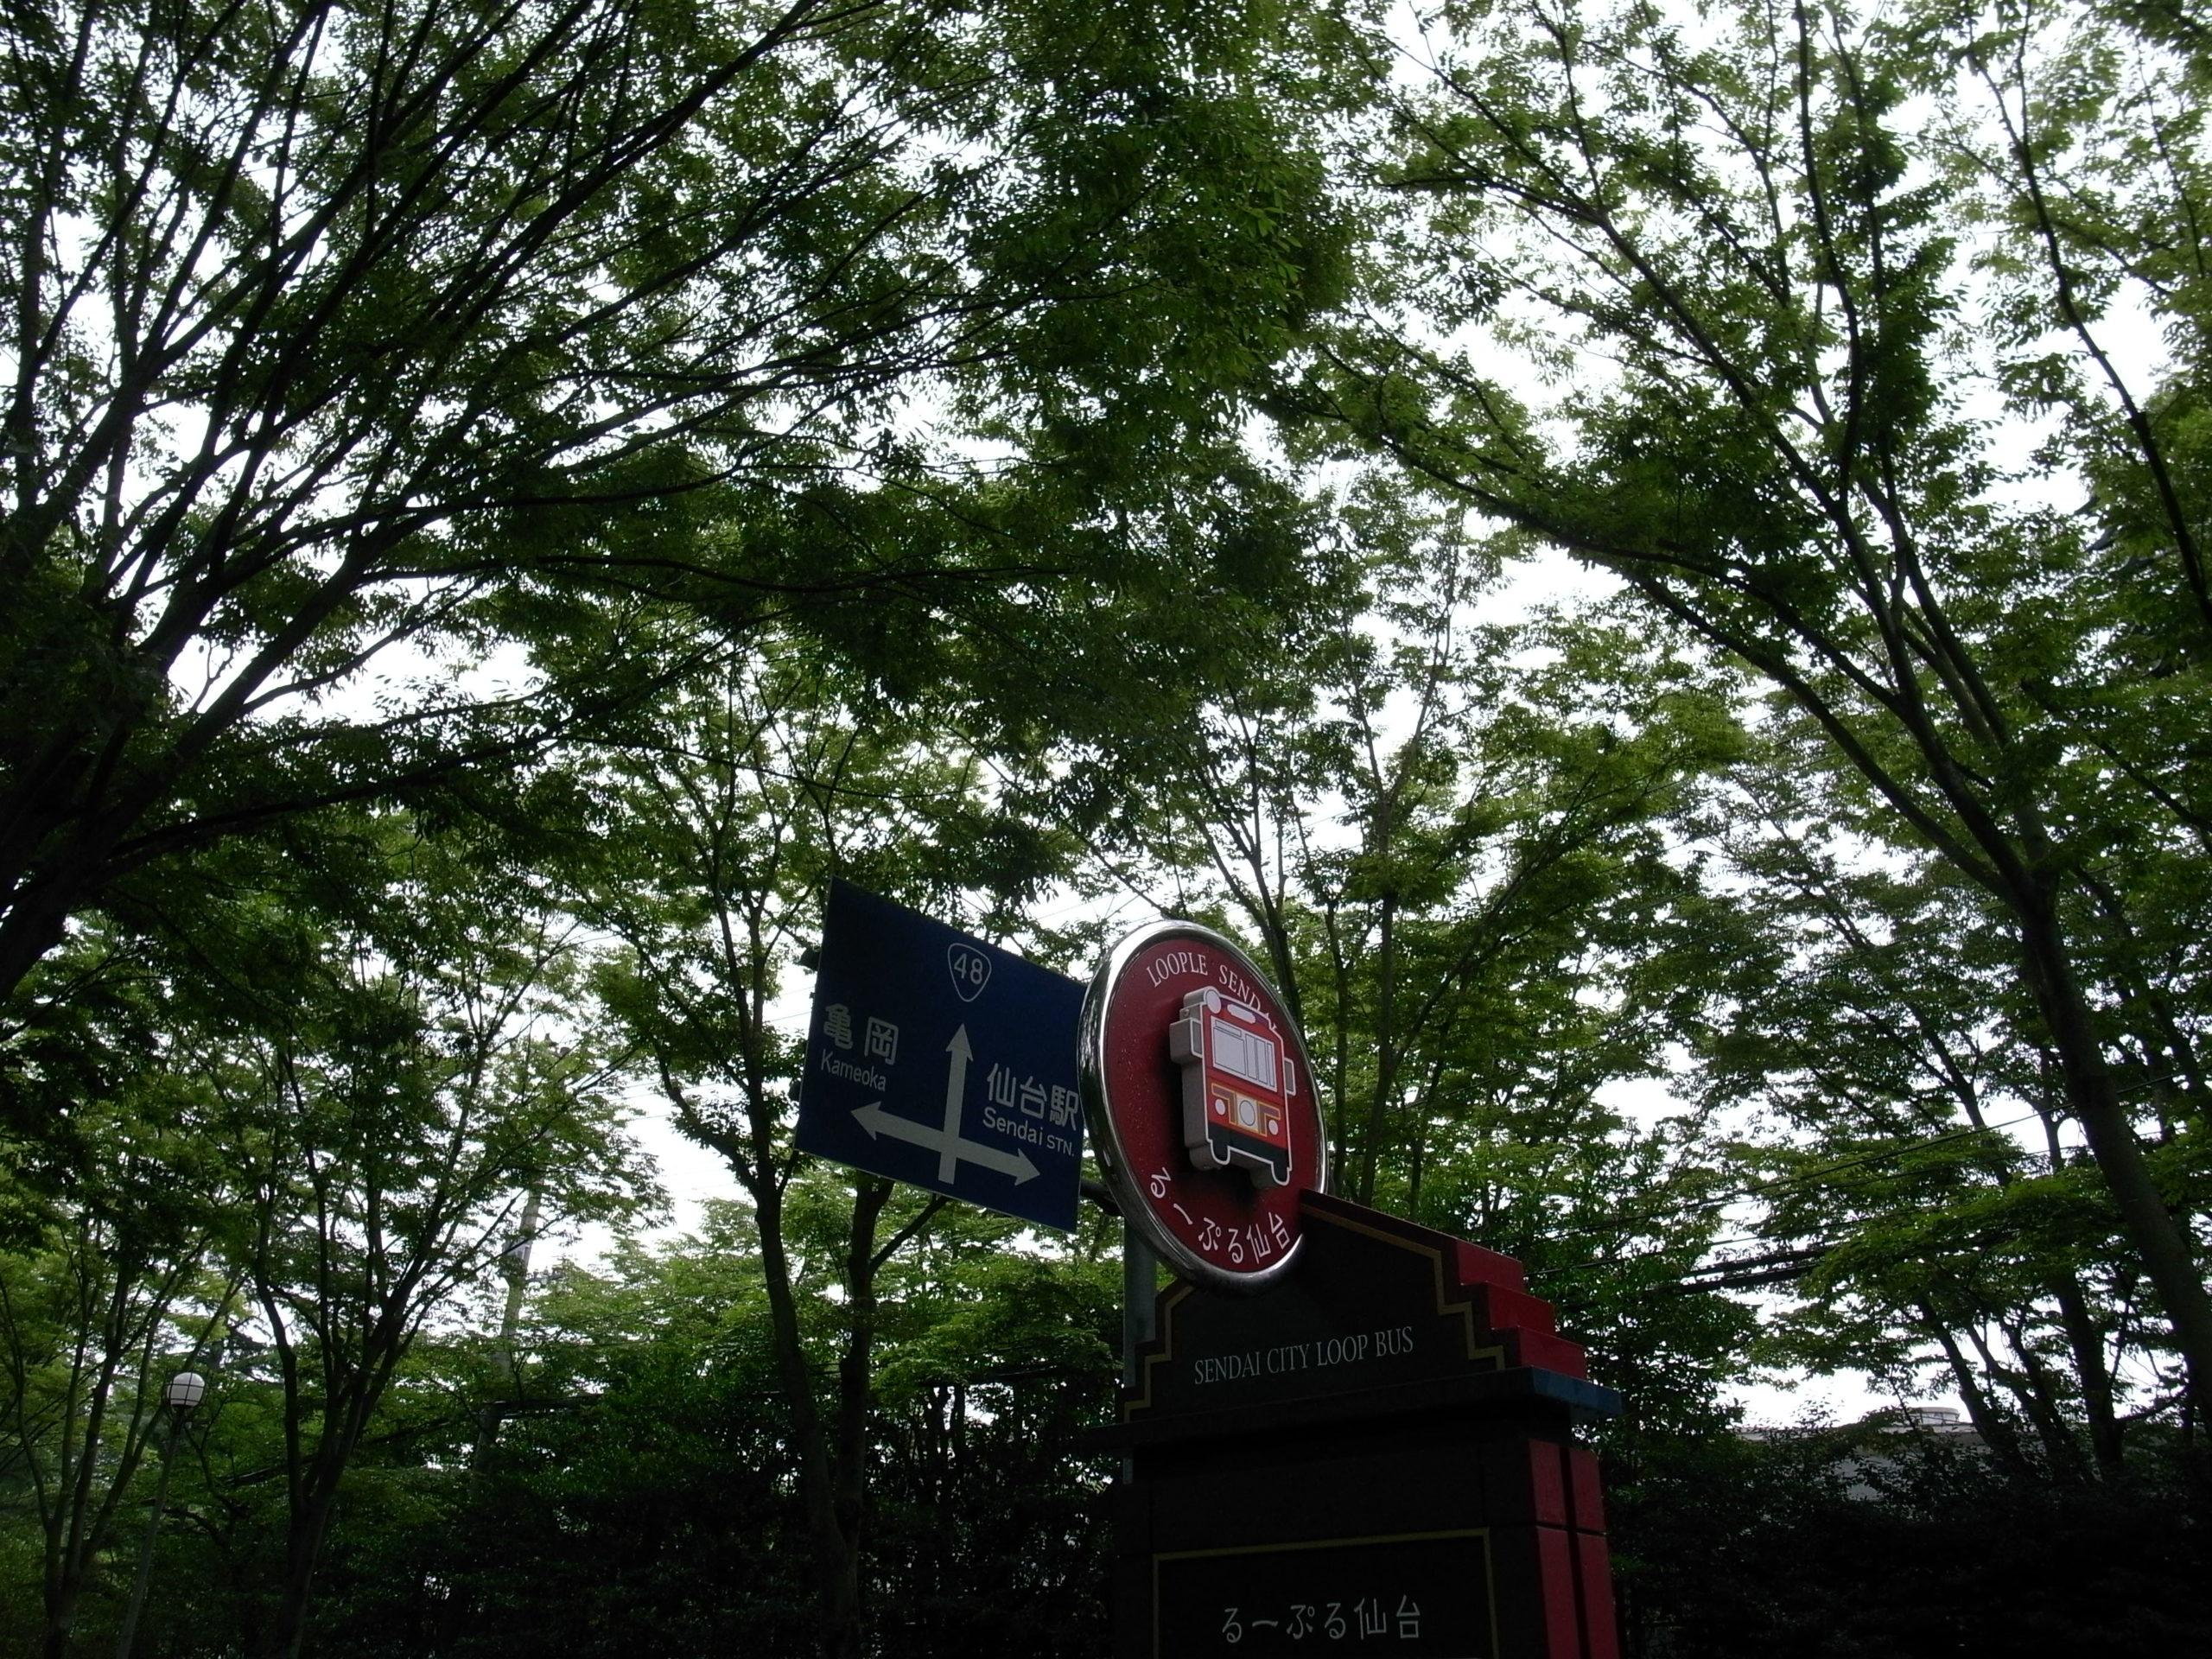 仙台観光バス